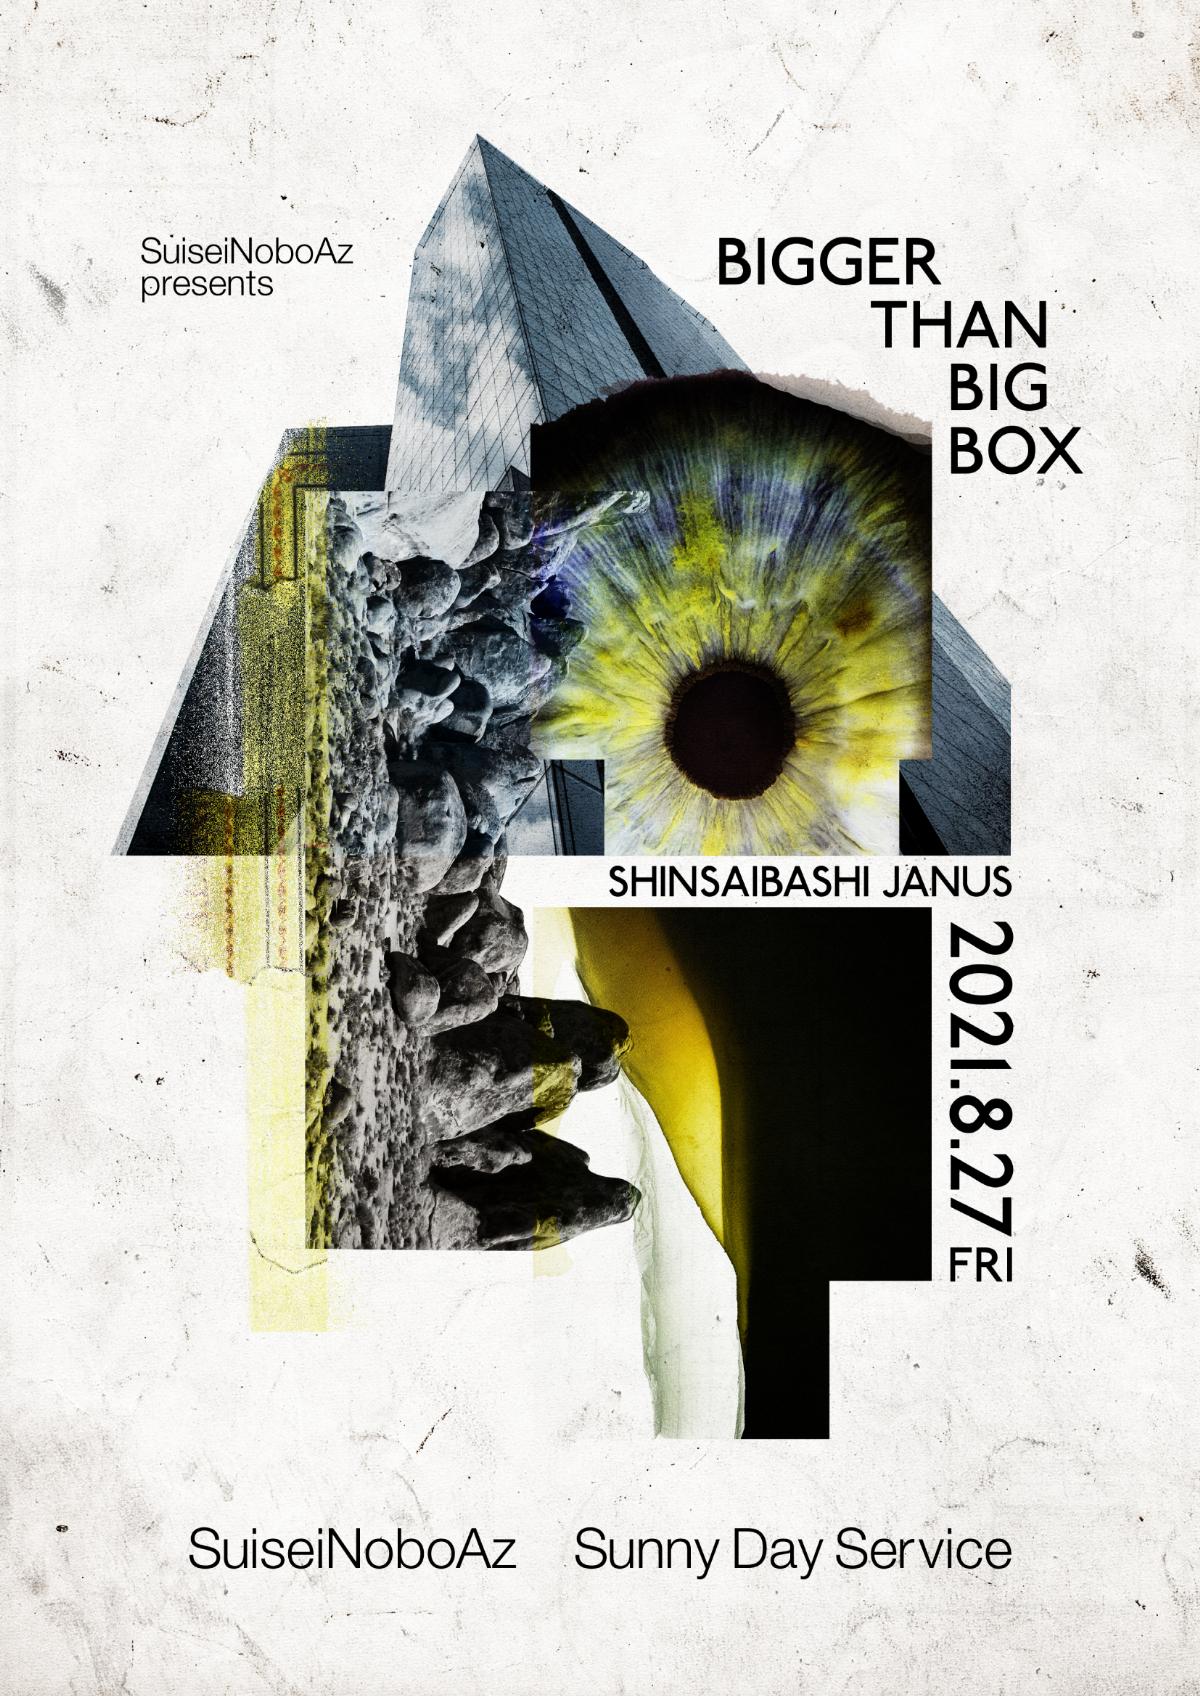 『BIGGER THAN BIG BOX』フライヤー